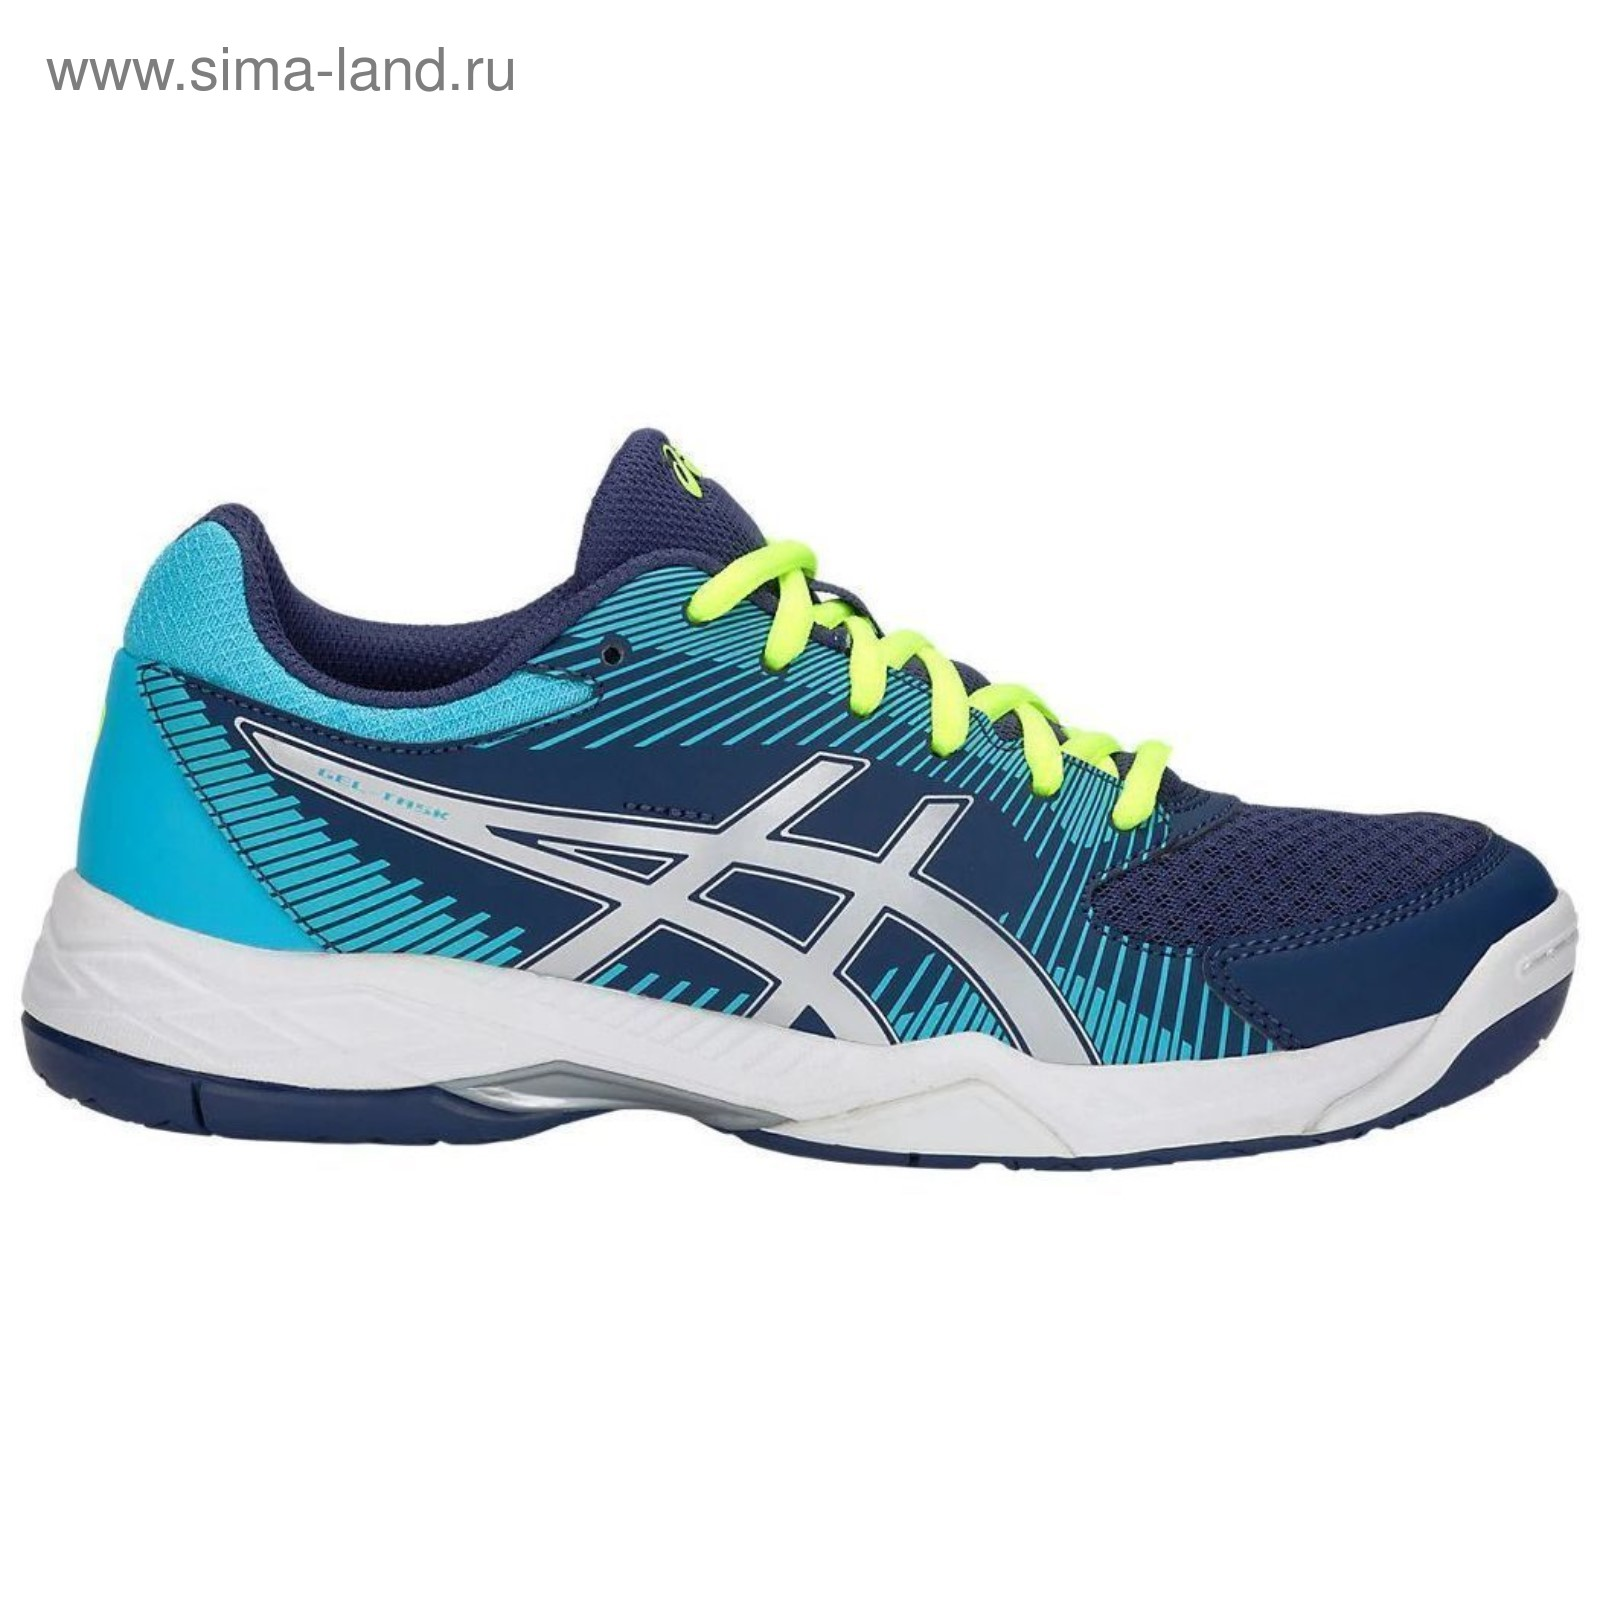 5ae5212e Кроссовки волейбольные ASICS B754Y 400 GEL-TASK, размер 6,5 (4152331 ...